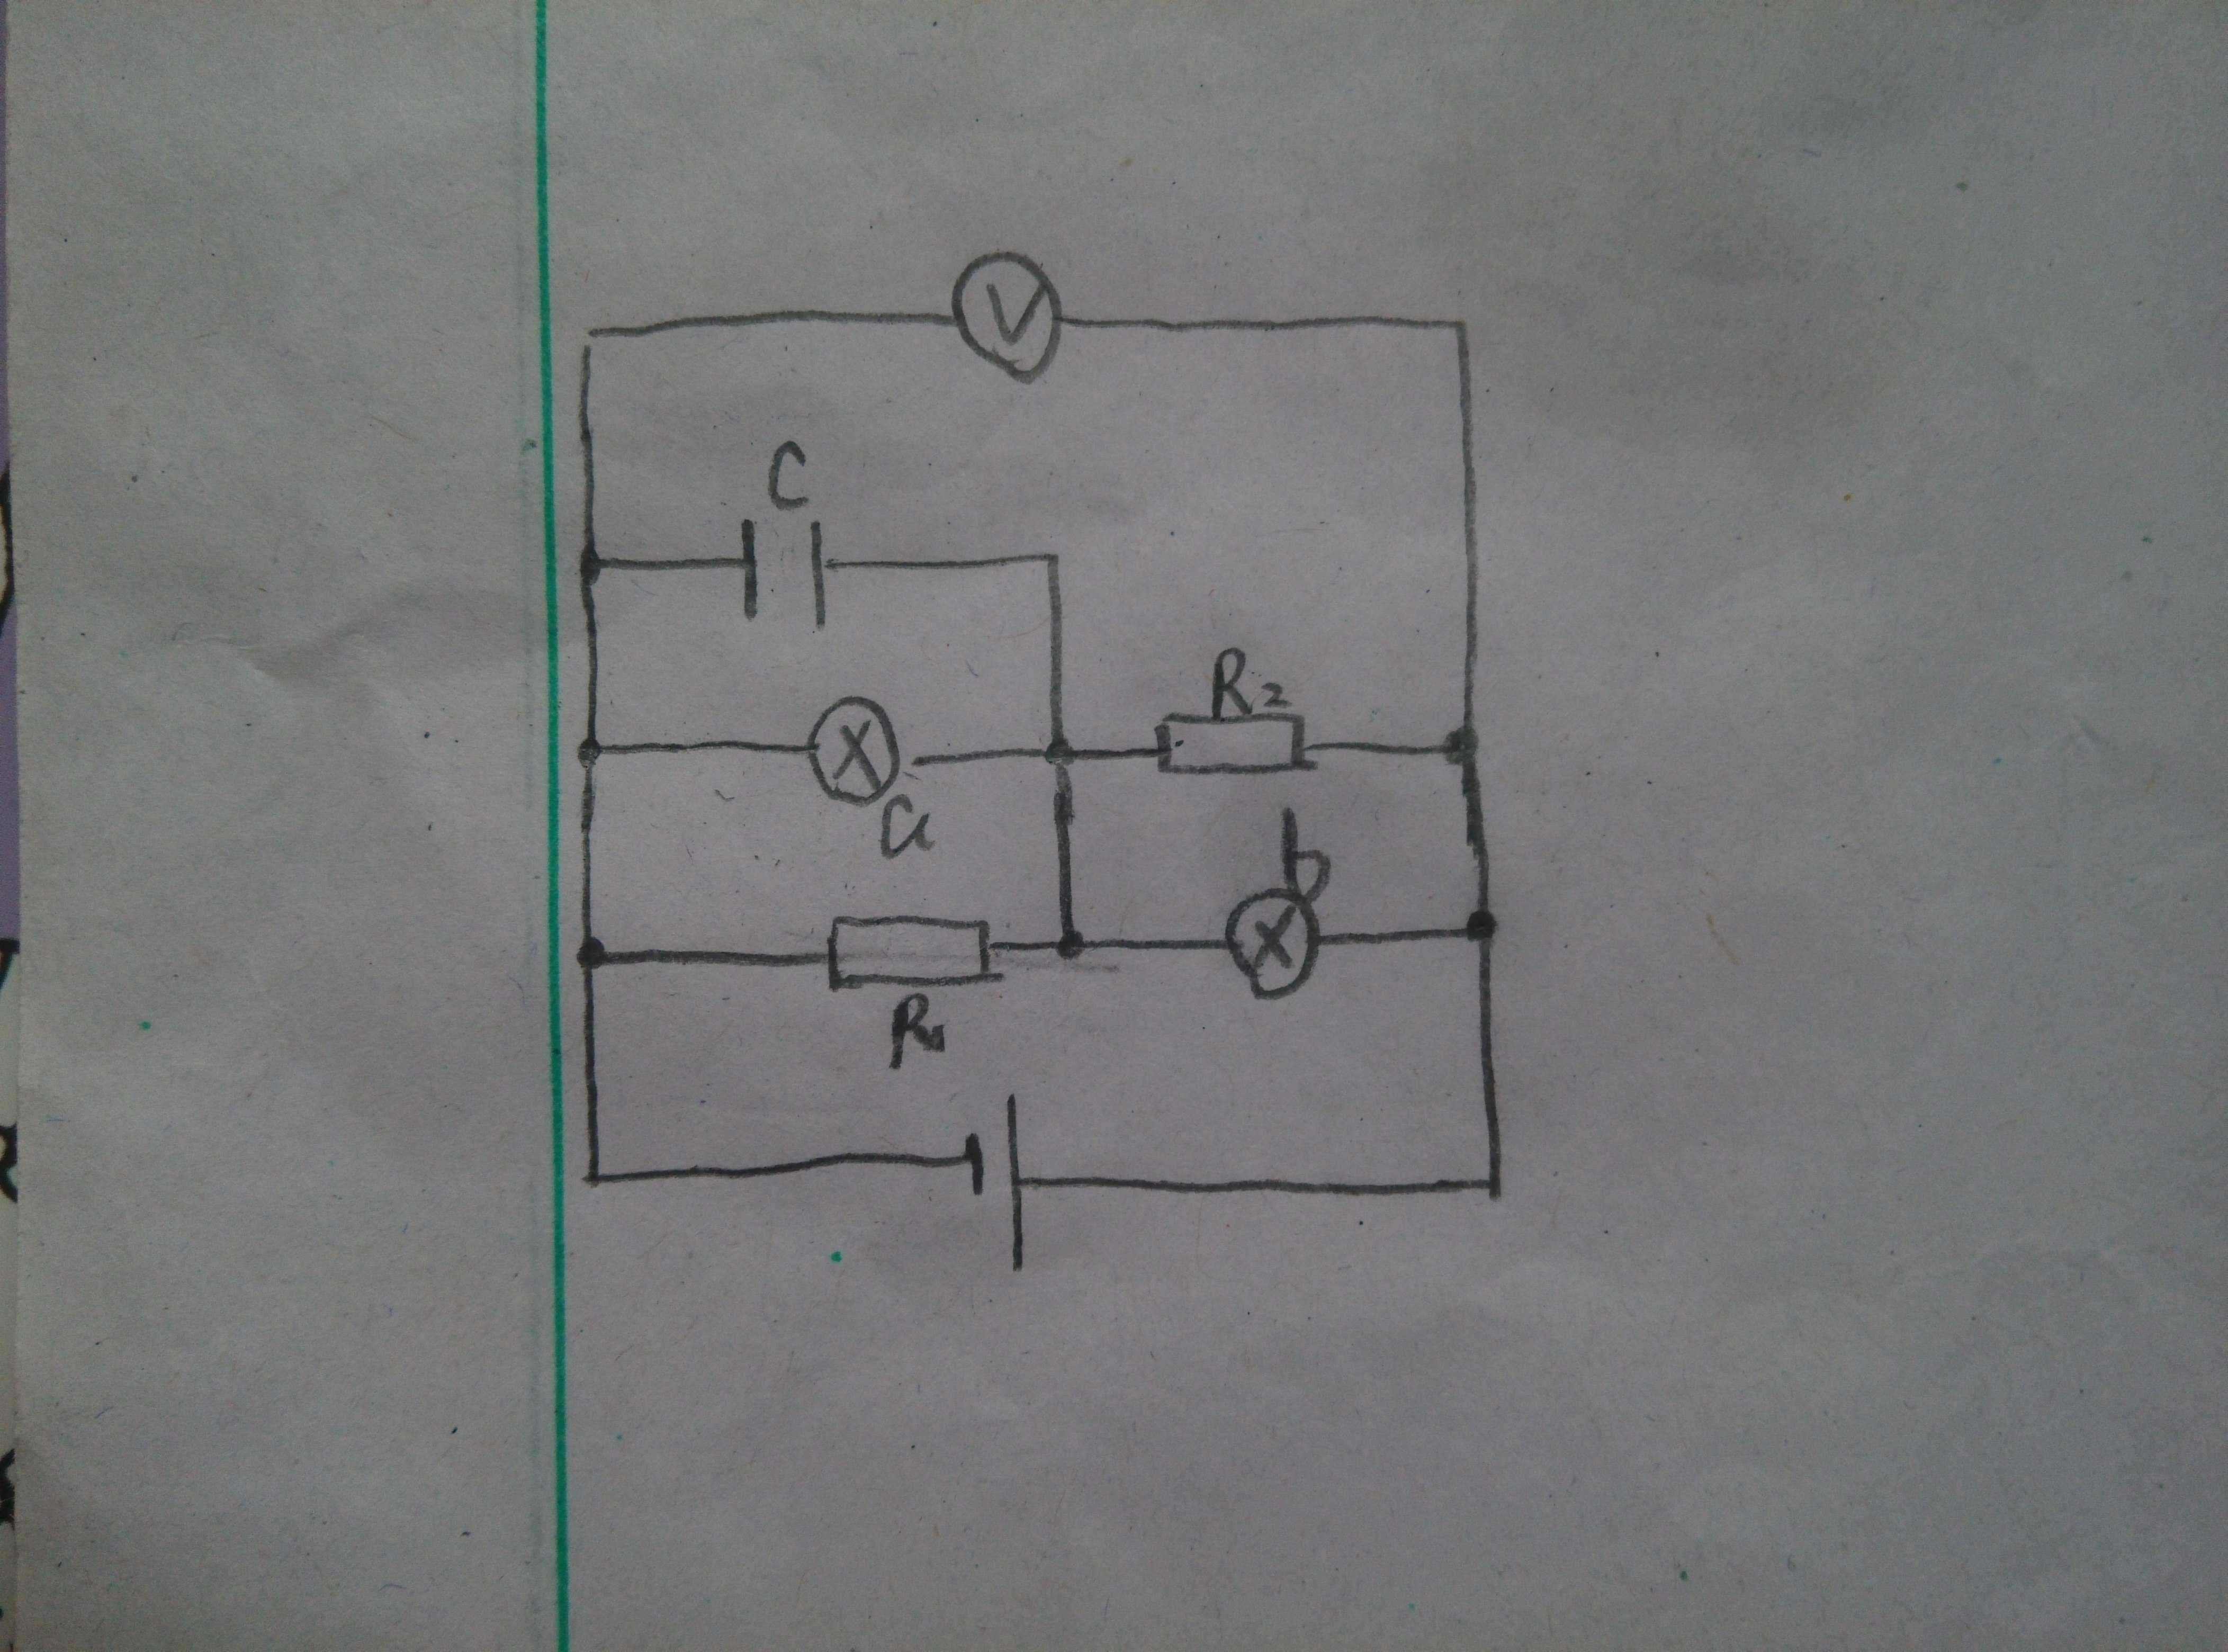 灯泡a和灯泡b是串联还是并联?为什么?